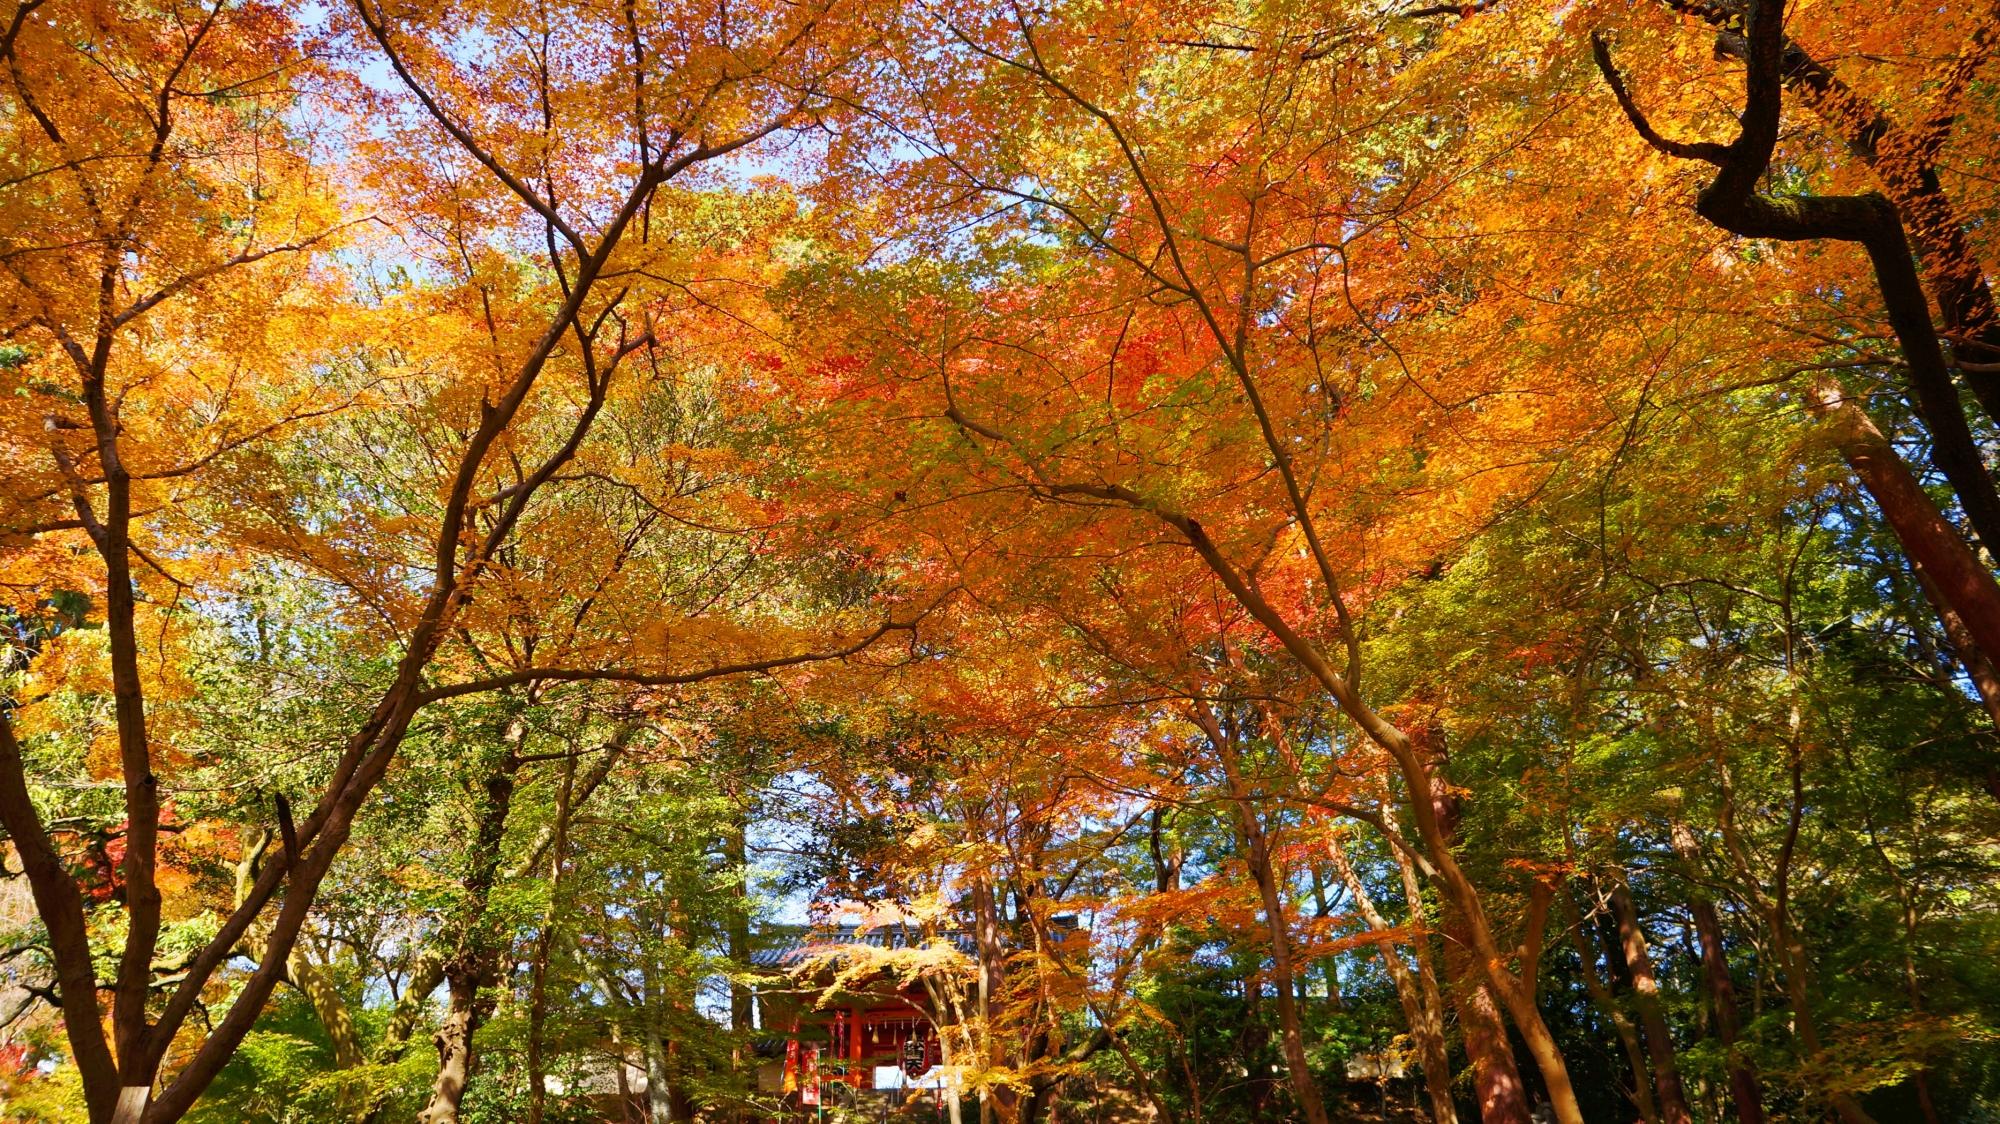 毘沙門堂の仁王門付近の太陽を浴びて煌く紅葉